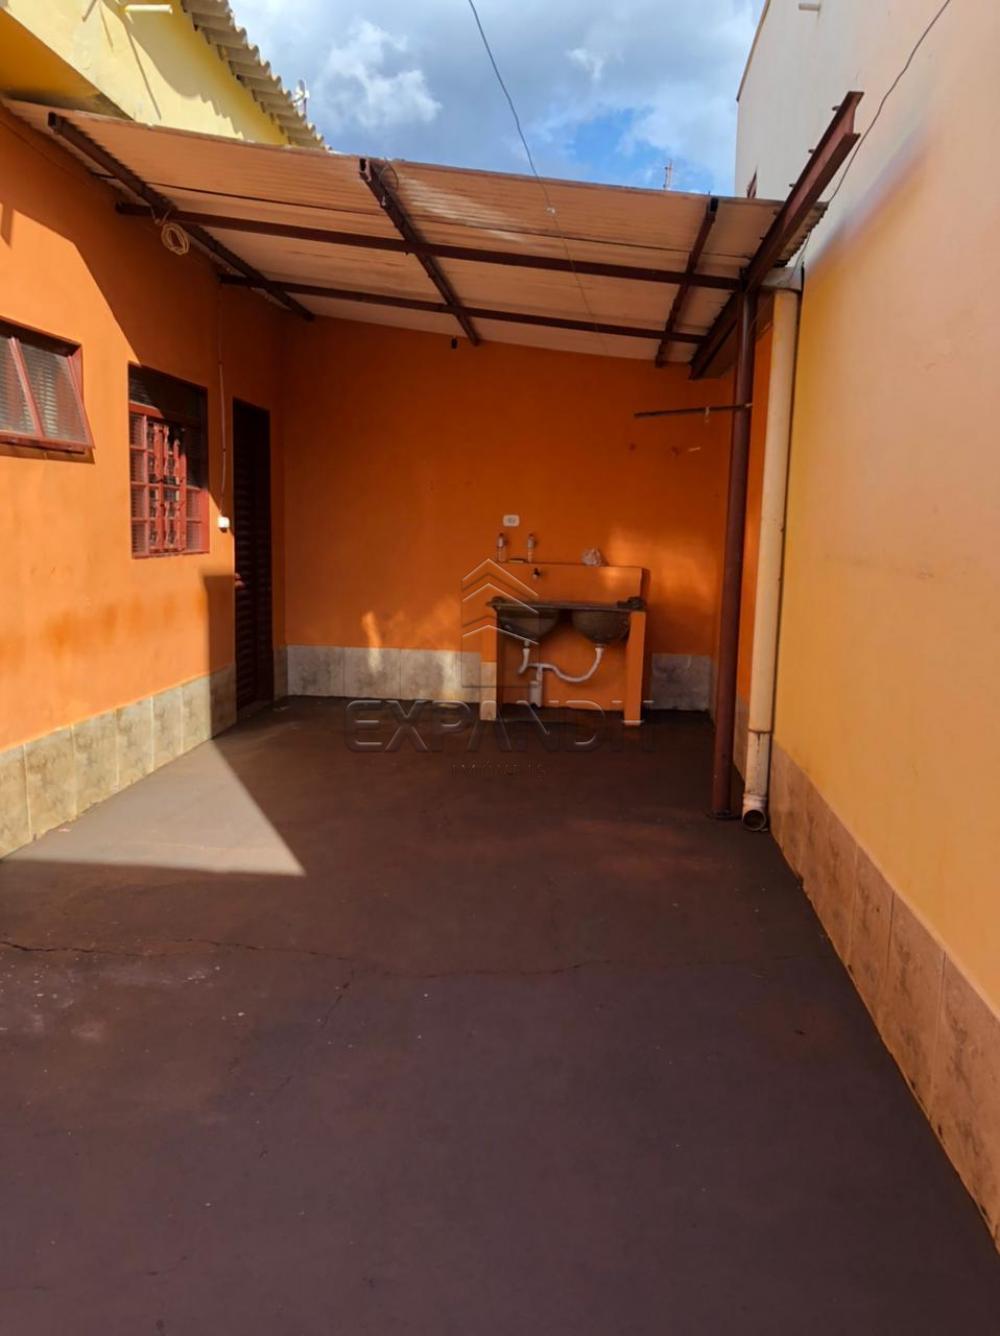 Alugar Casas / Padrão em Sertãozinho R$ 600,00 - Foto 3